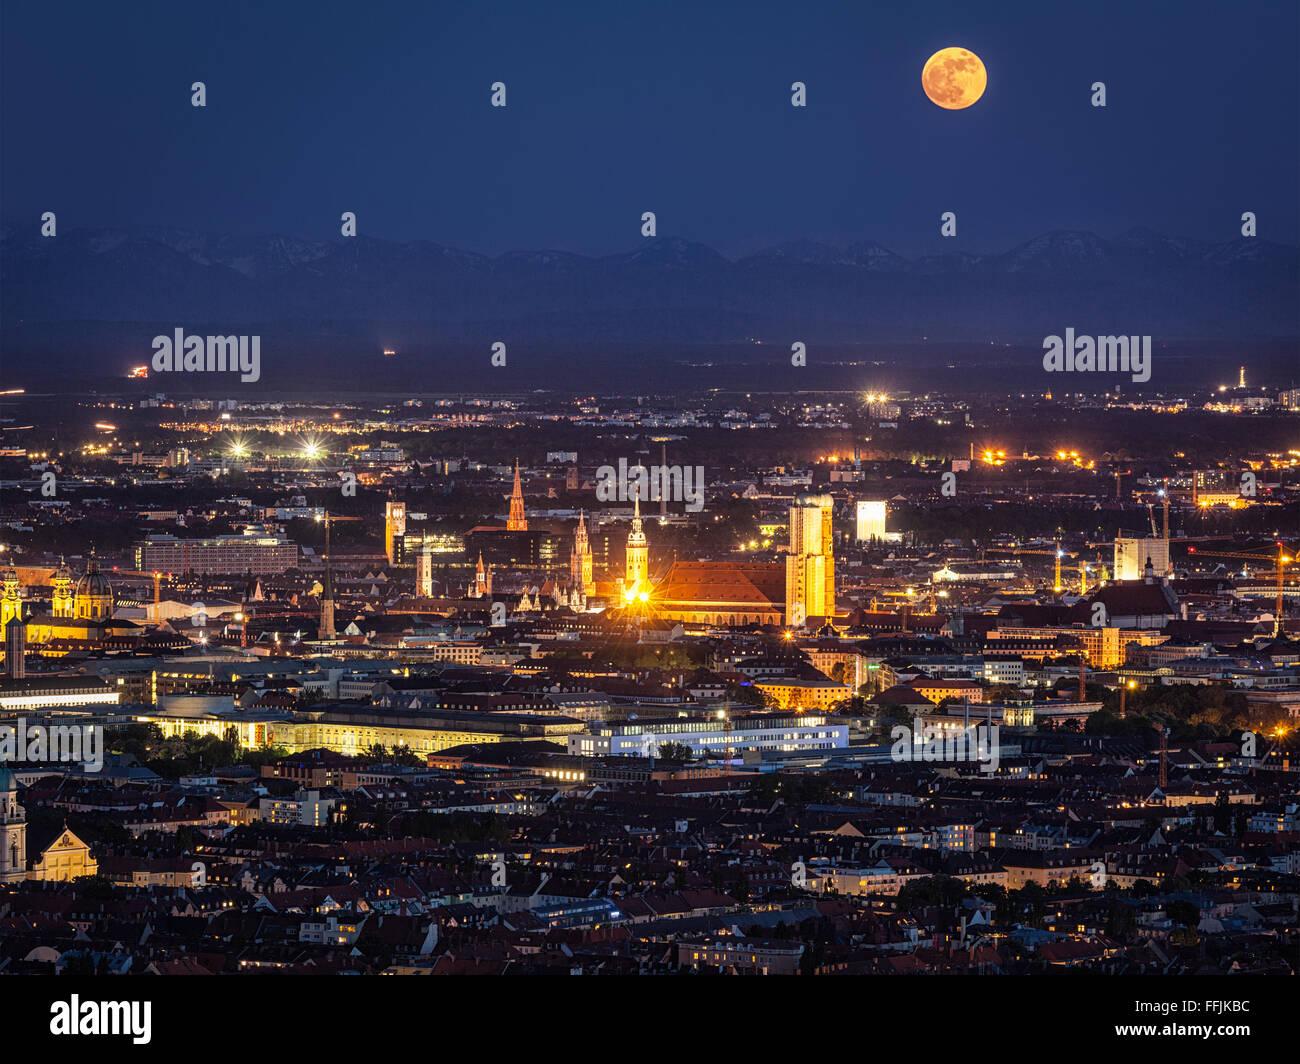 Noche vista aérea de la ciudad de Munich, Alemania Imagen De Stock